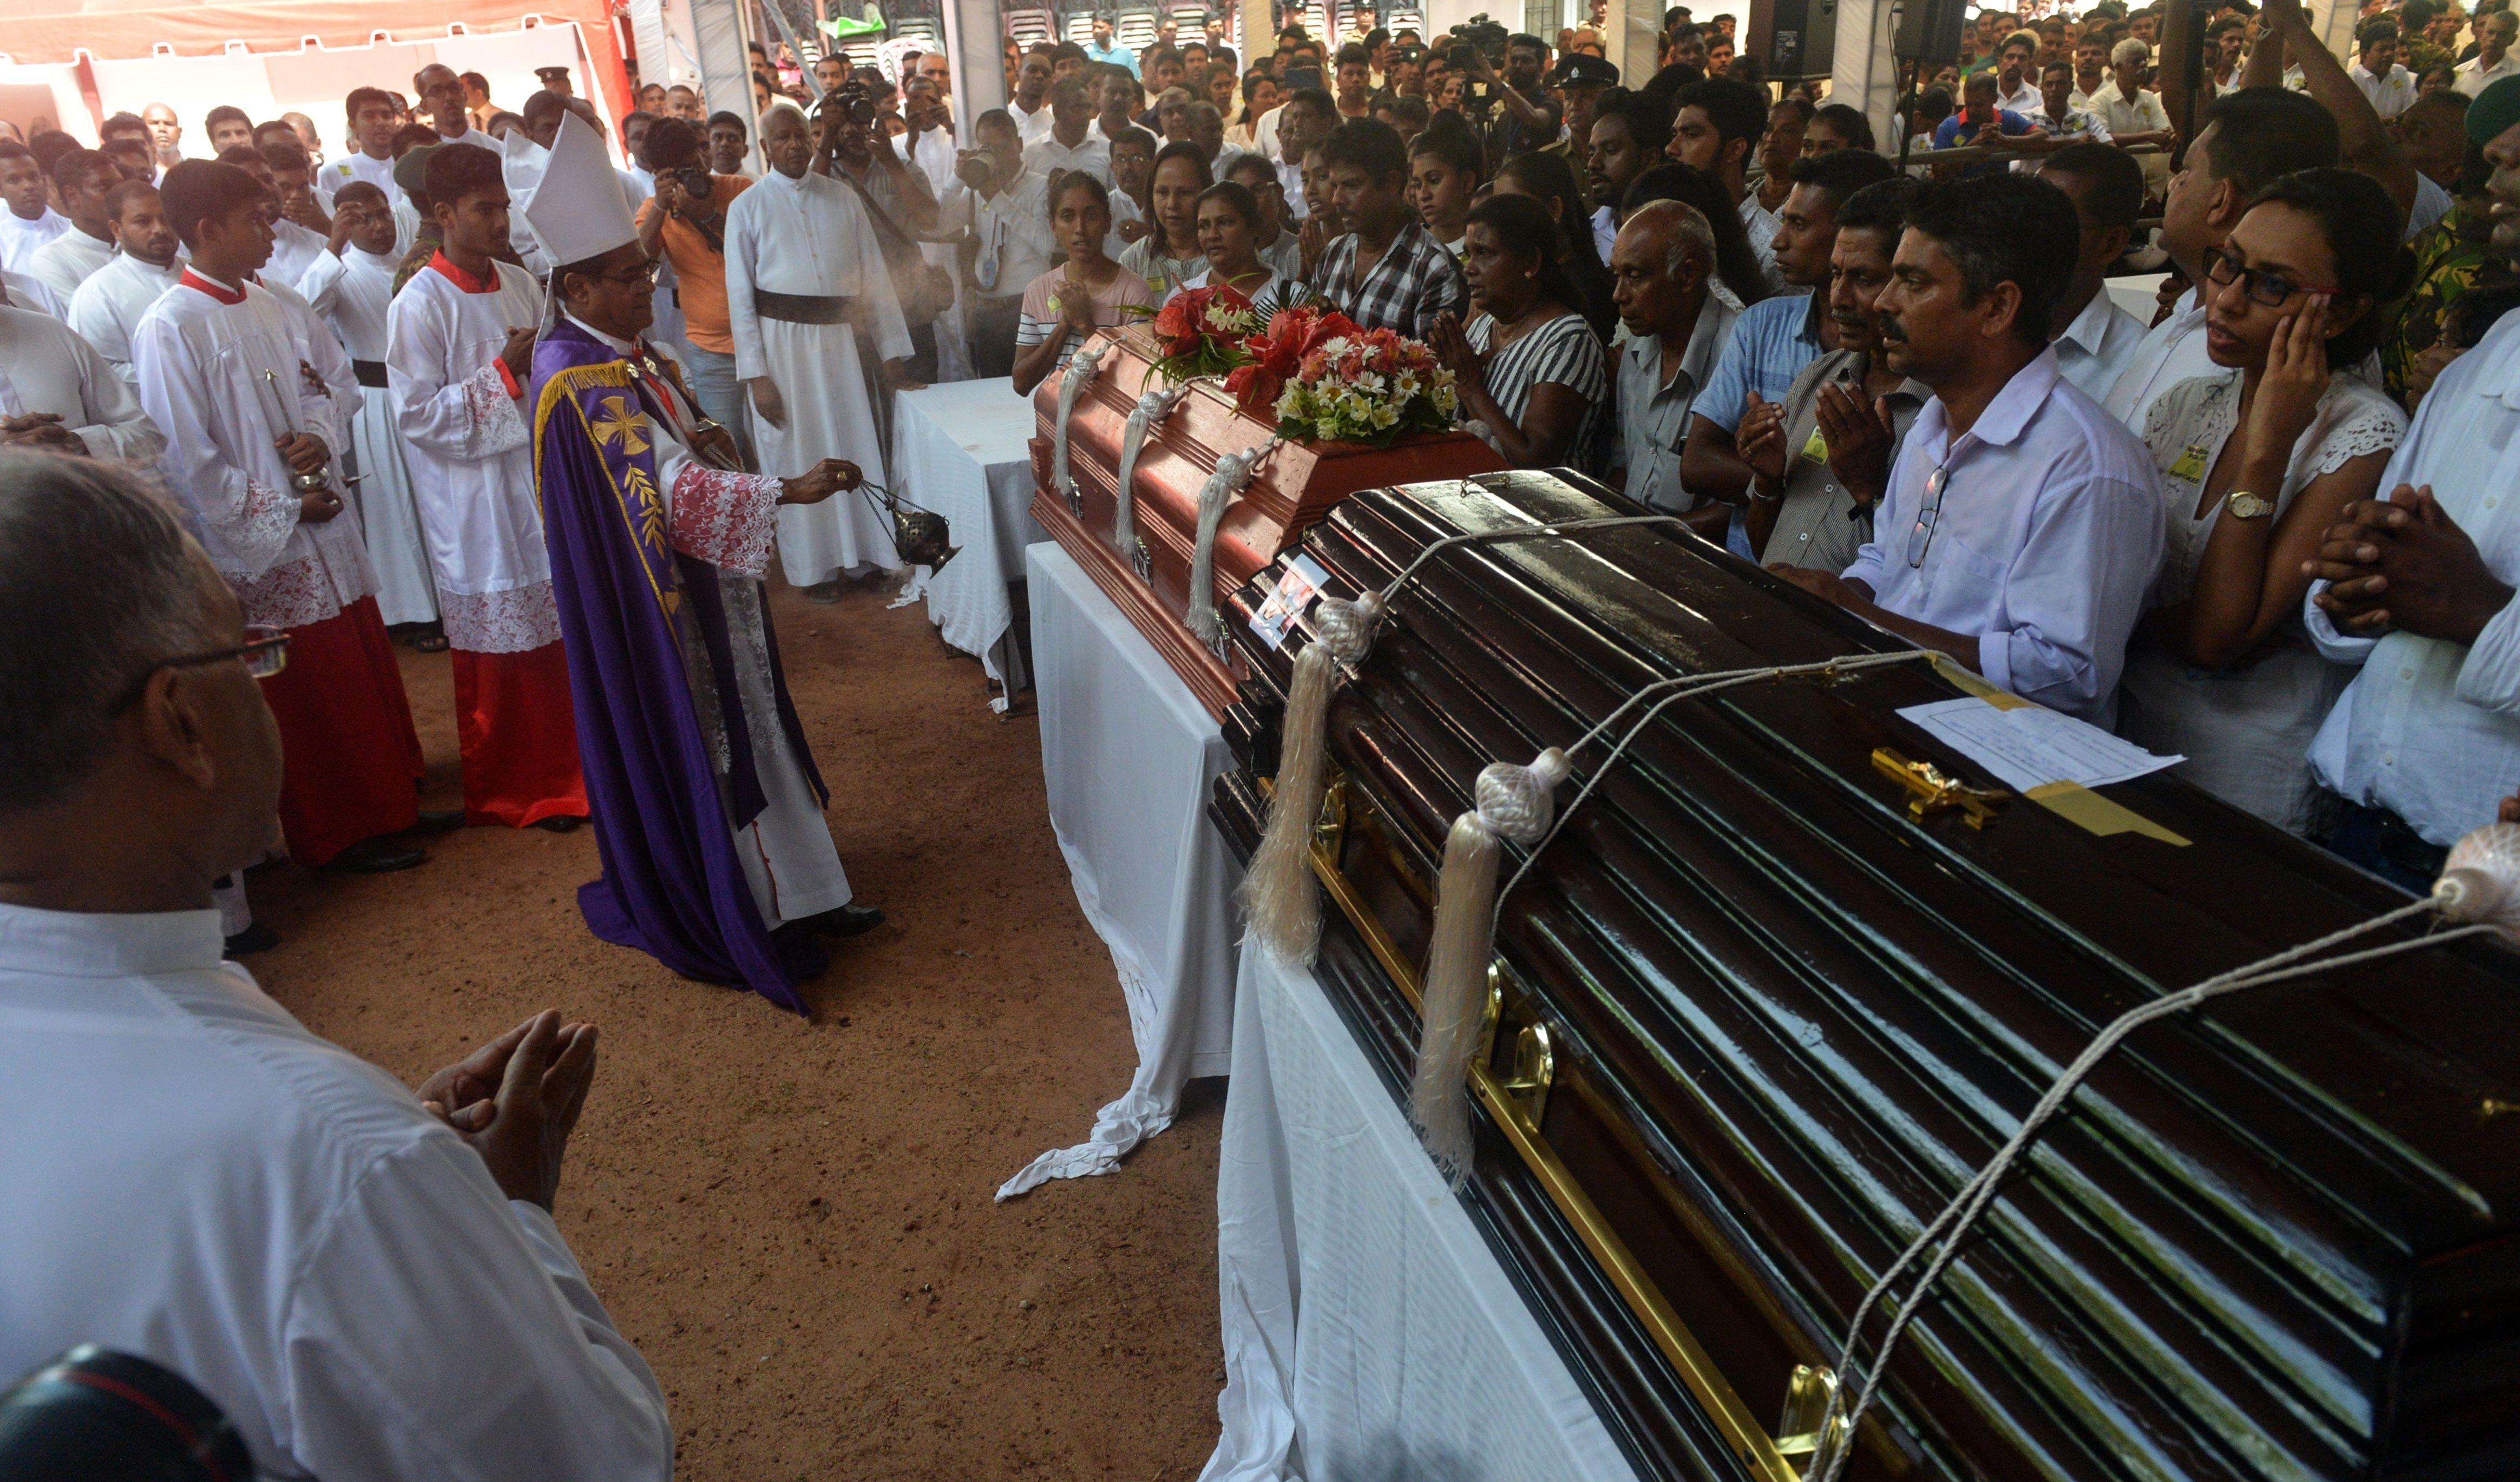 El Estado Islámico asume la autoría de los atentados en Sri